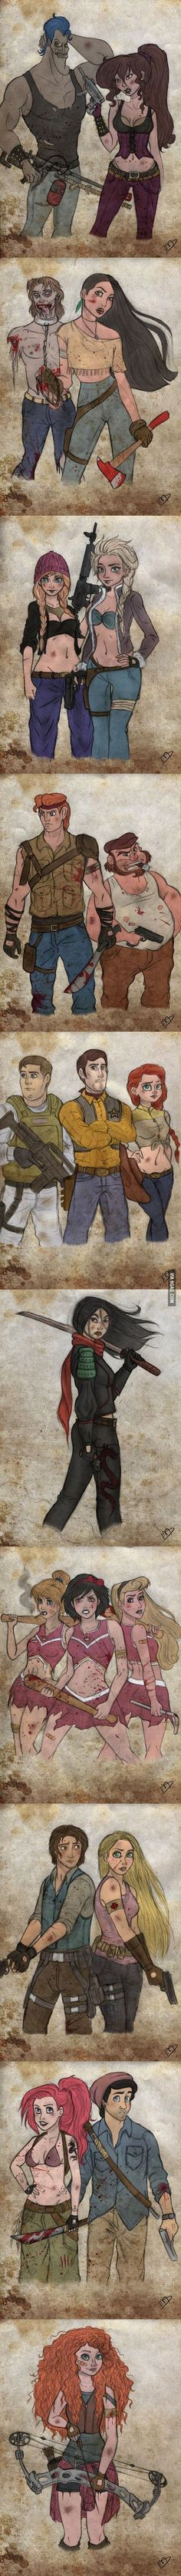 The Walking Disney Dead…